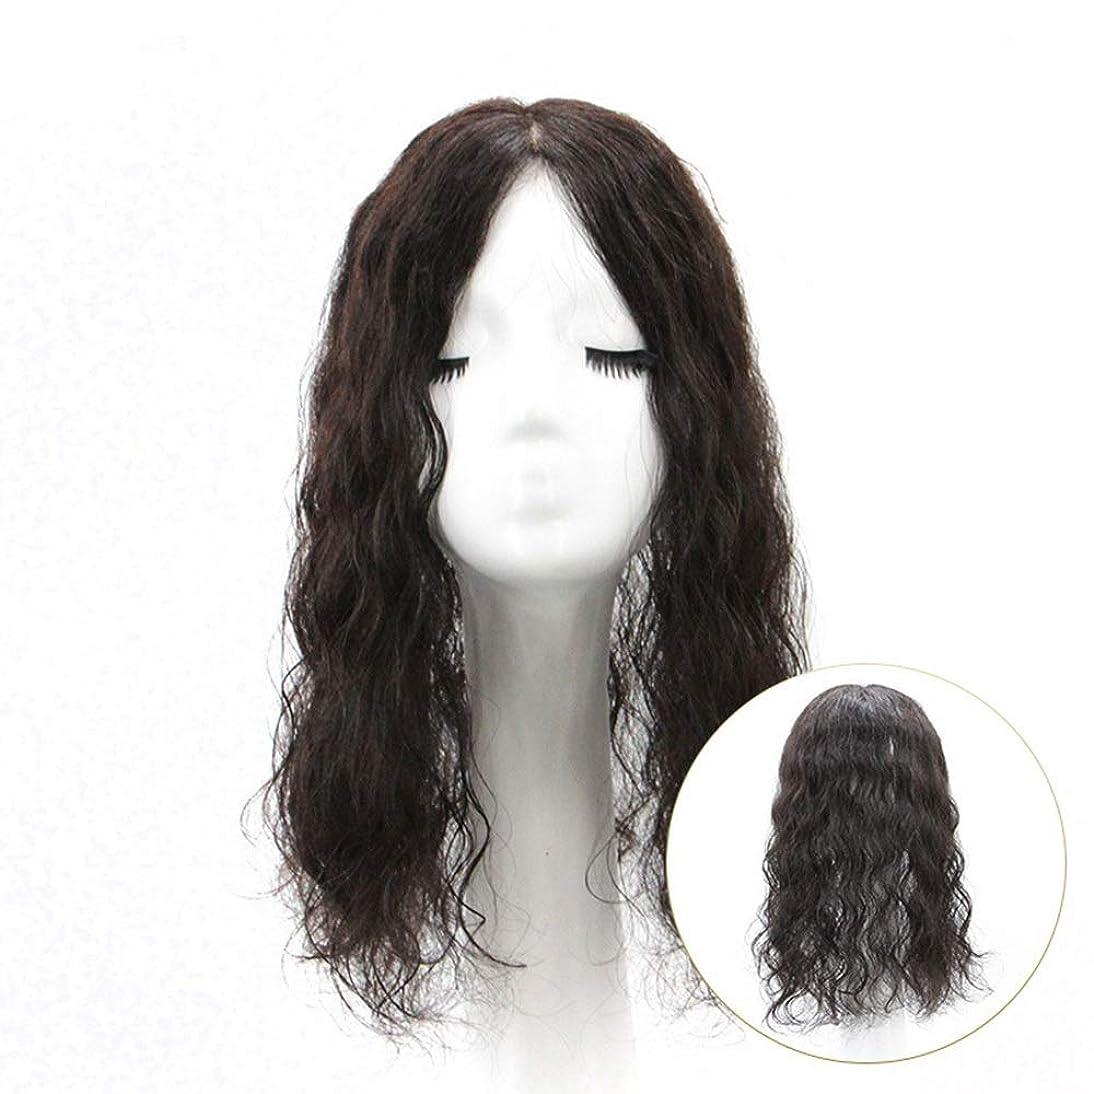 キャビンブリーフケースライバルYrattary 女性の長い巻き毛のふわふわナチュラルクリップで人間の髪の毛のカバー白髪交換ピース女性の合成かつらレースかつらロールプレイングかつら (色 : [7x10] 35cm natural black)